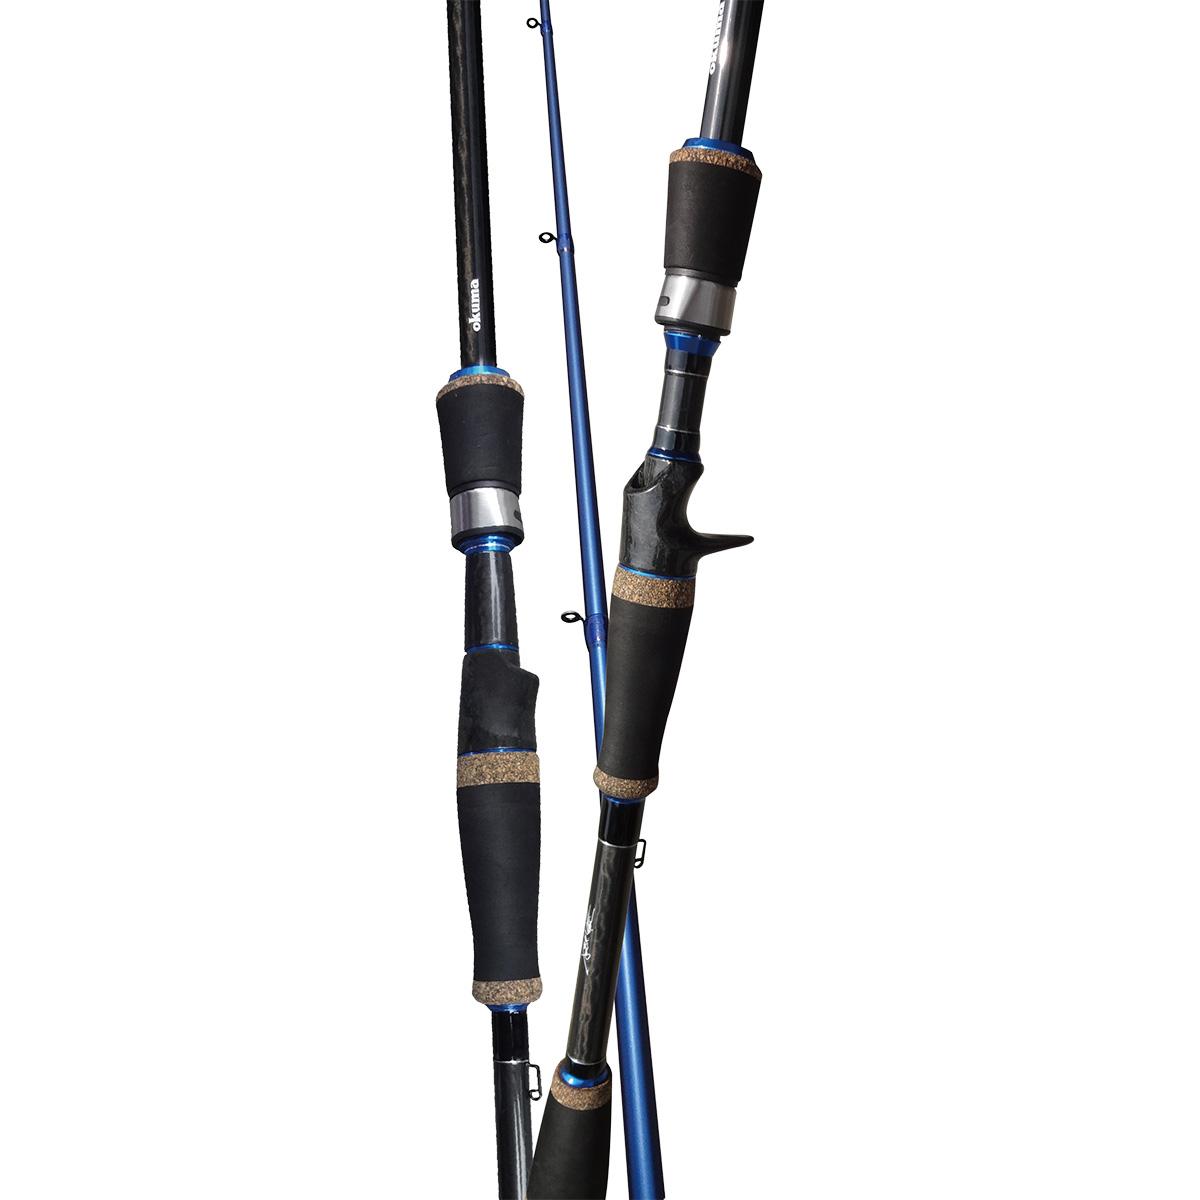 Tige de TCS - Okuma TCS Rod - Conçu par les pêcheurs professionnels de renom - Scott Martin pour le concept de tournoi de pêche - Construction en ébène de carbone ultra sensible 30T - poignée en EVA et embout en EVA pour réduire le poids et la sensation